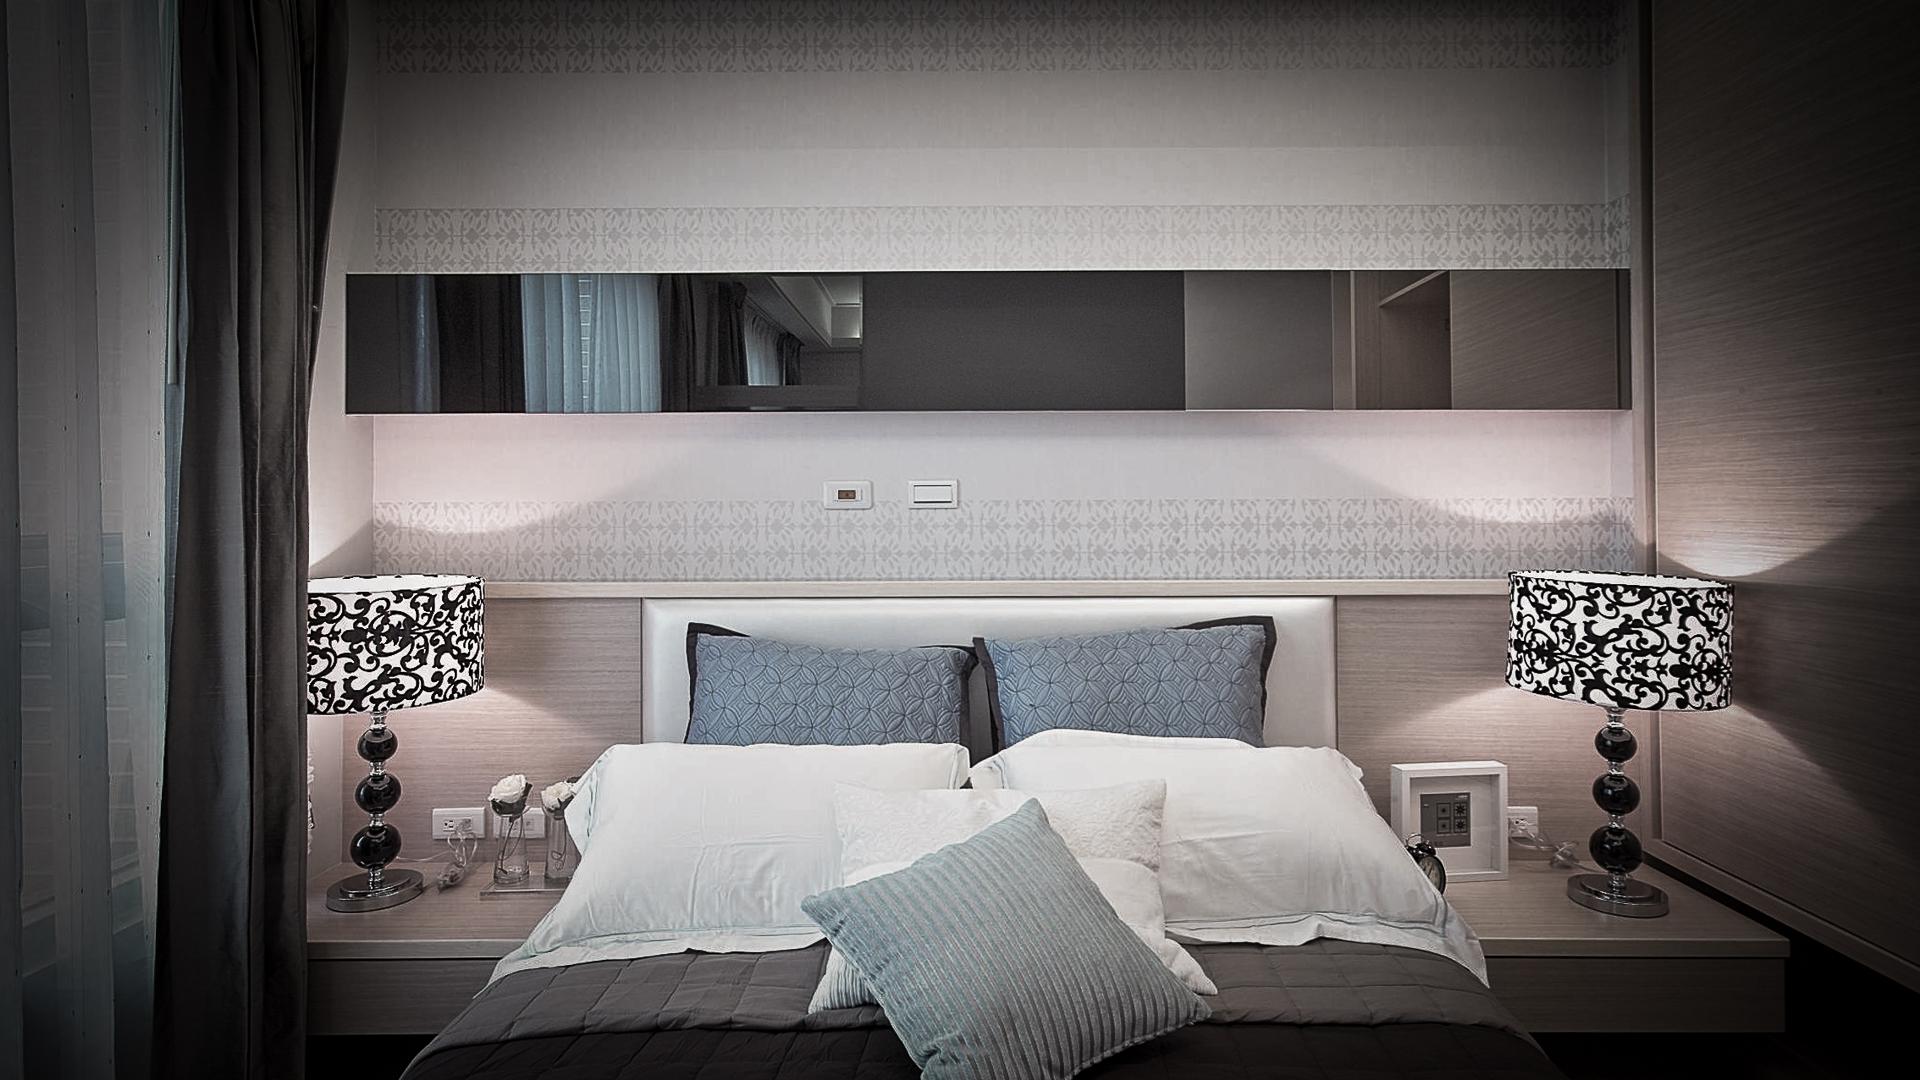 0015_室內設計師推薦風格簡約北歐風Scandinavian style-1